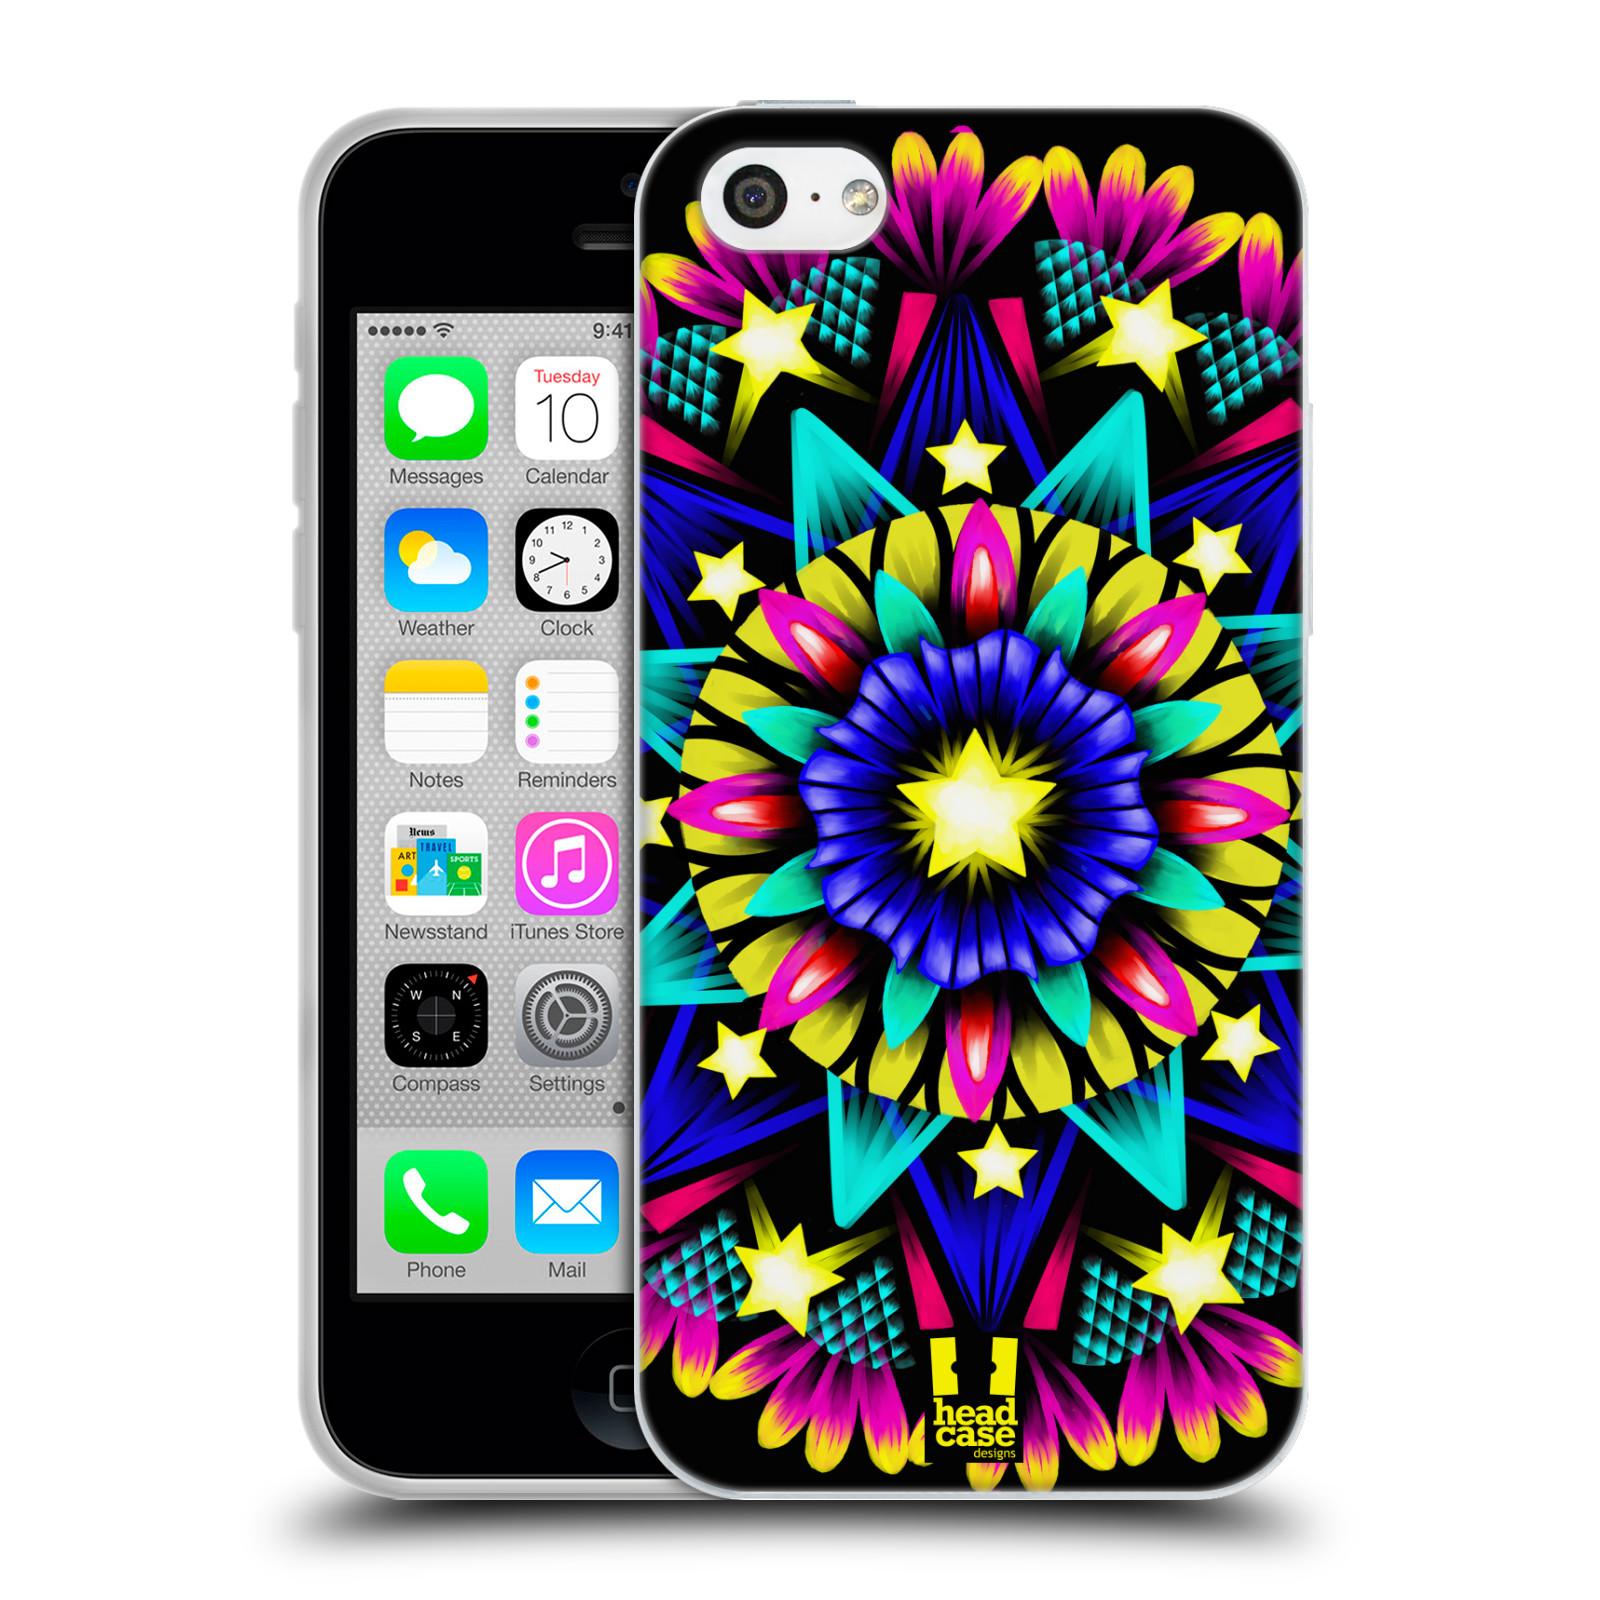 HEAD CASE silikonový obal na mobil Apple Iphone 5C vzor Indie Mandala kaleidoskop barevný vzor HVĚZDA